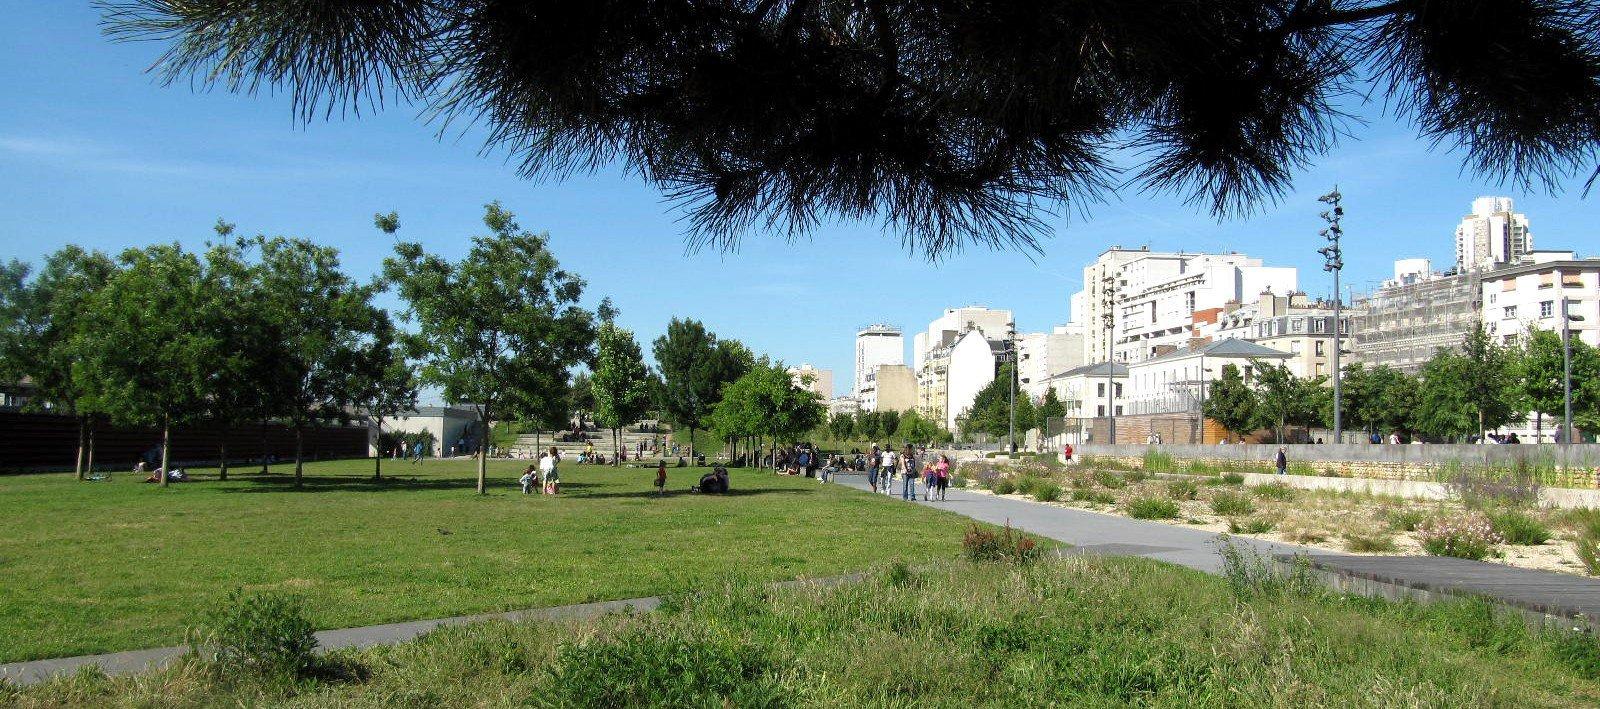 Les jardins d eole une nouvelle id e du jardin public for O jardins d eglantine